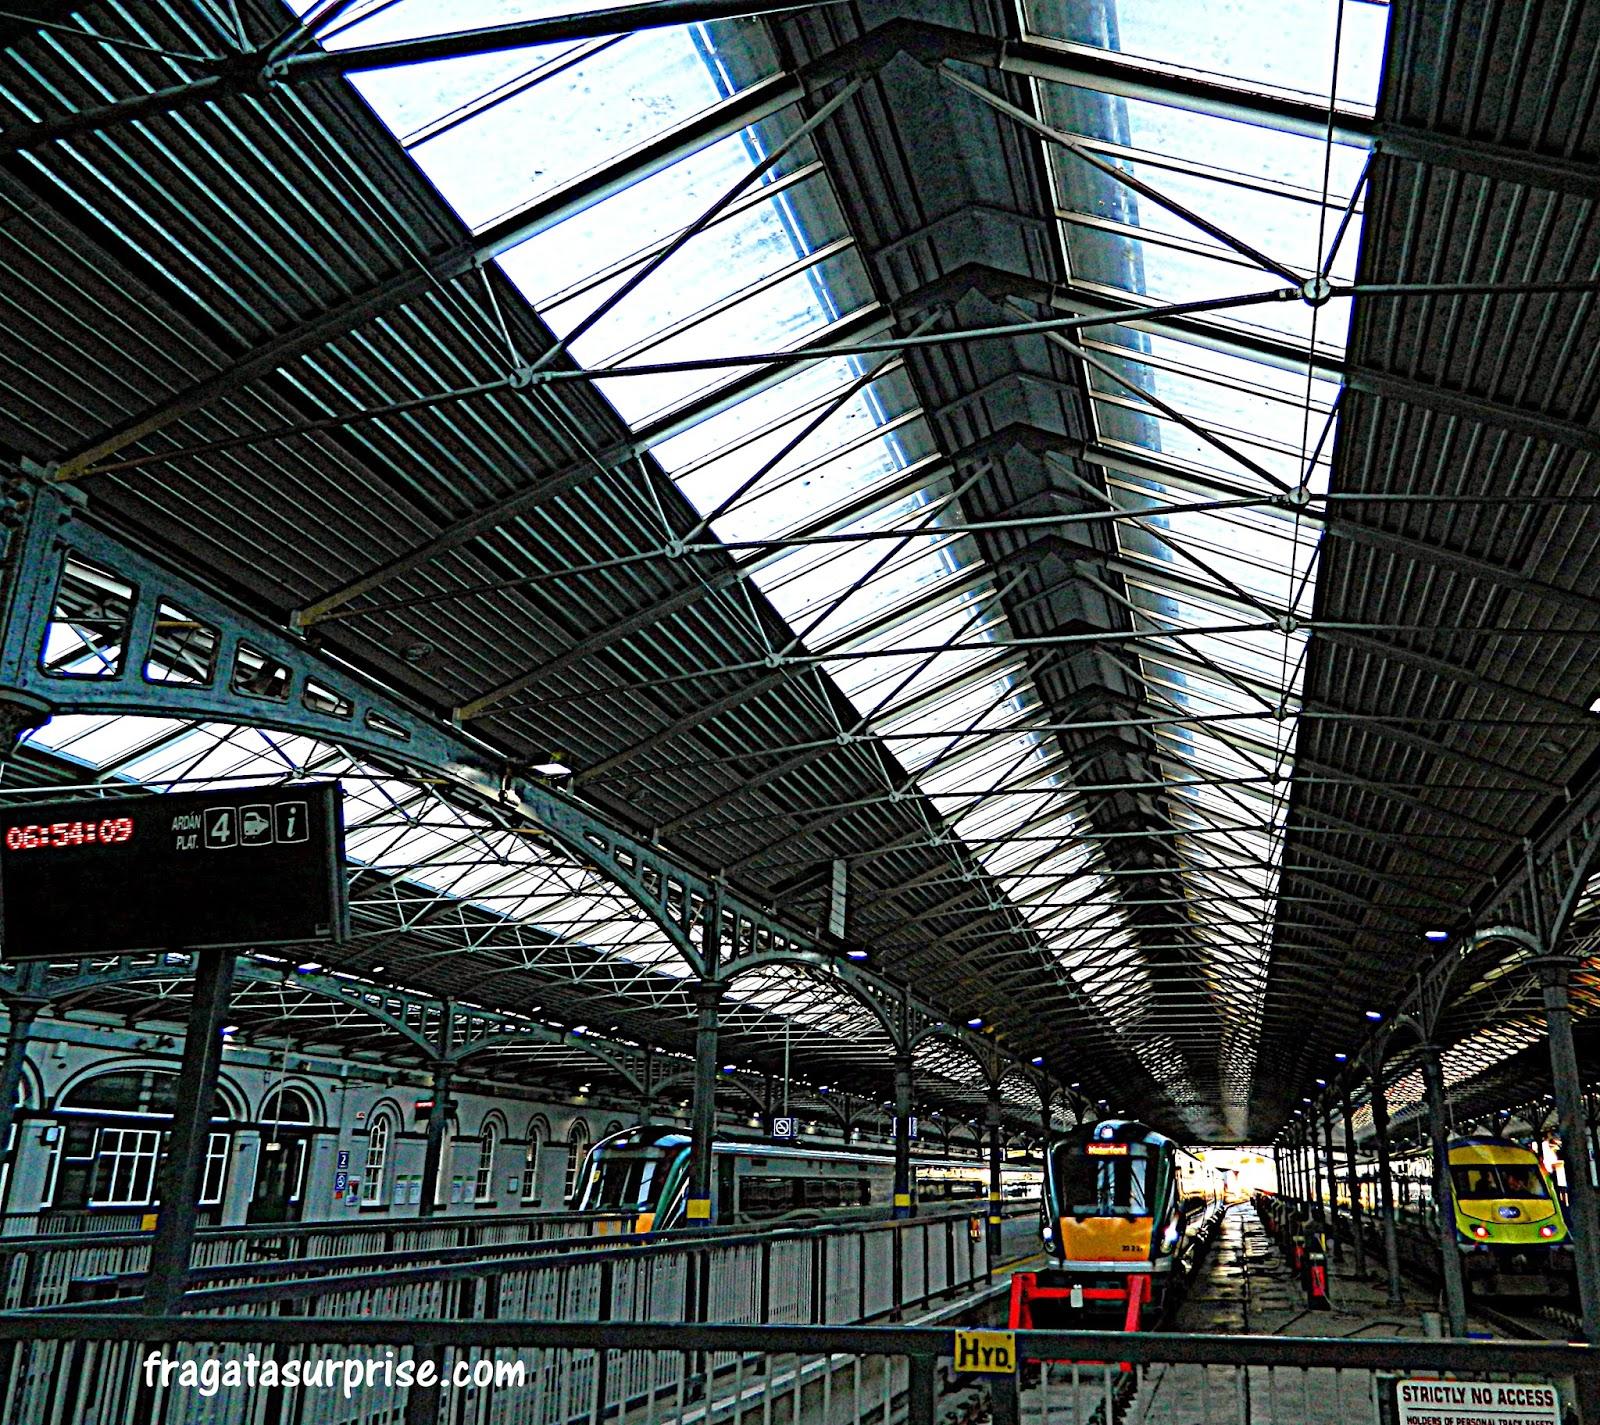 Estação Ferroviária de Connoly, Dublin, Irlanda